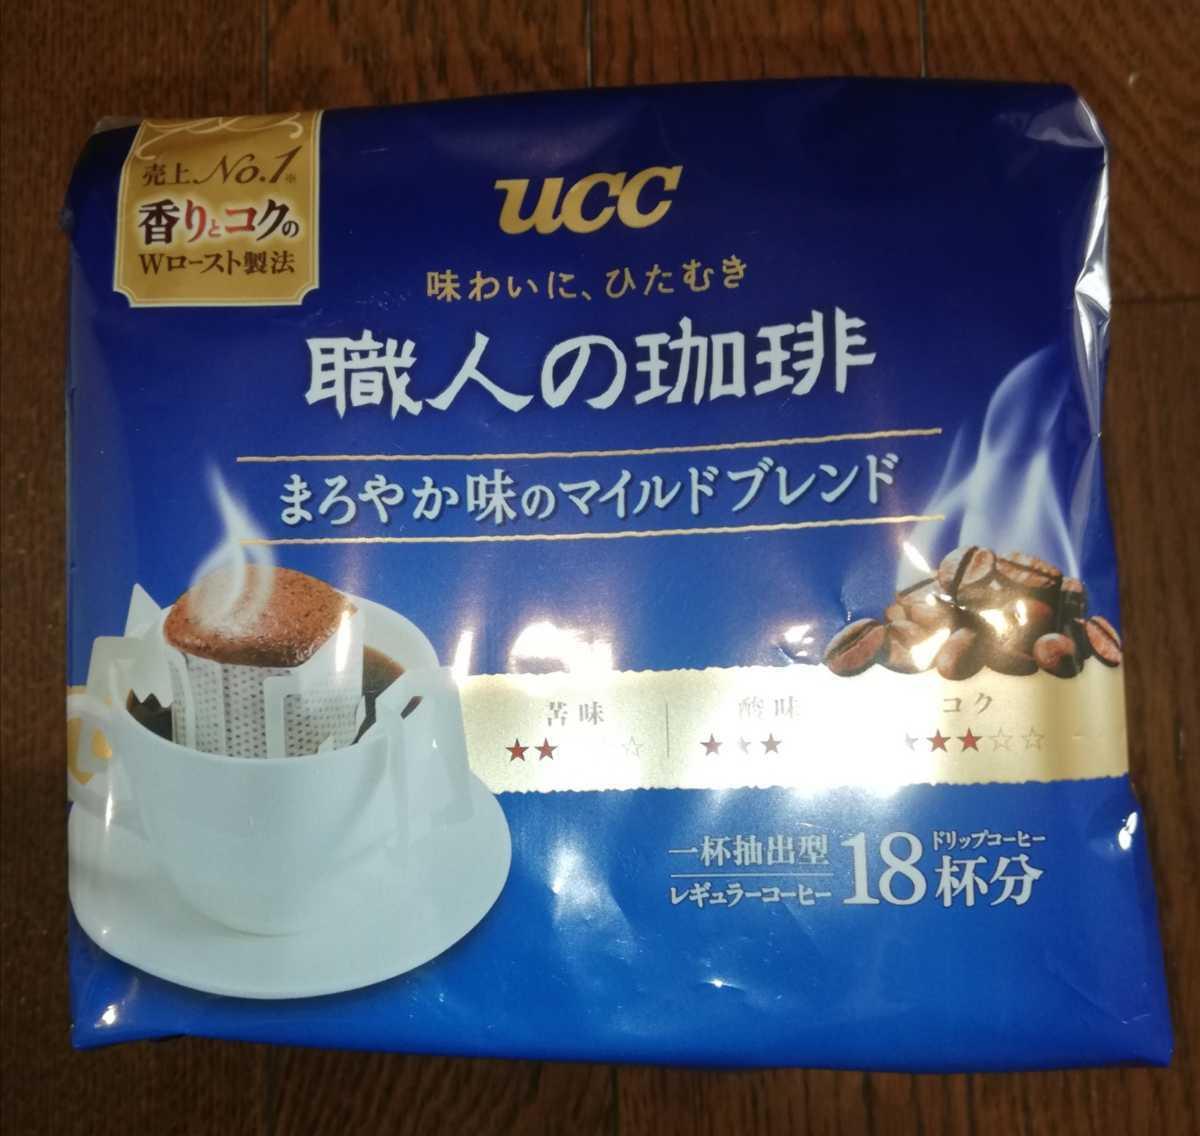 UCC 職人の珈琲 まろやか味のマイルドブレンド 上島珈琲 レギュラーコーヒー ドリップコーヒー_画像1